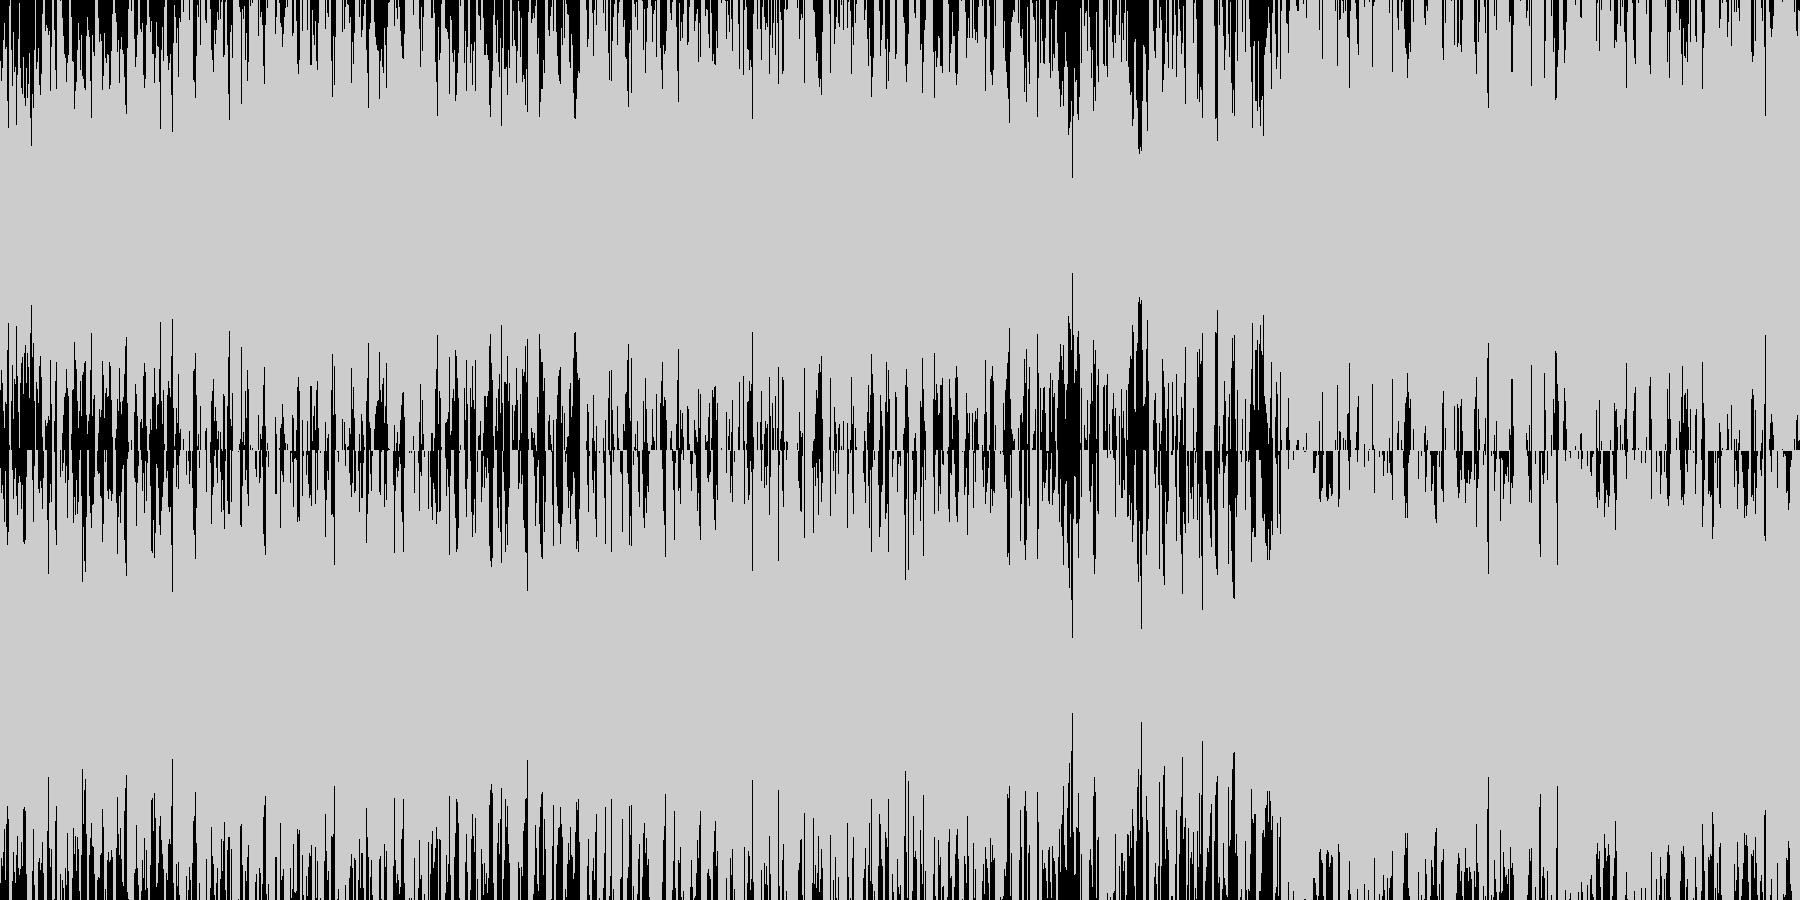 民族楽器を使った陽気なBGMの未再生の波形